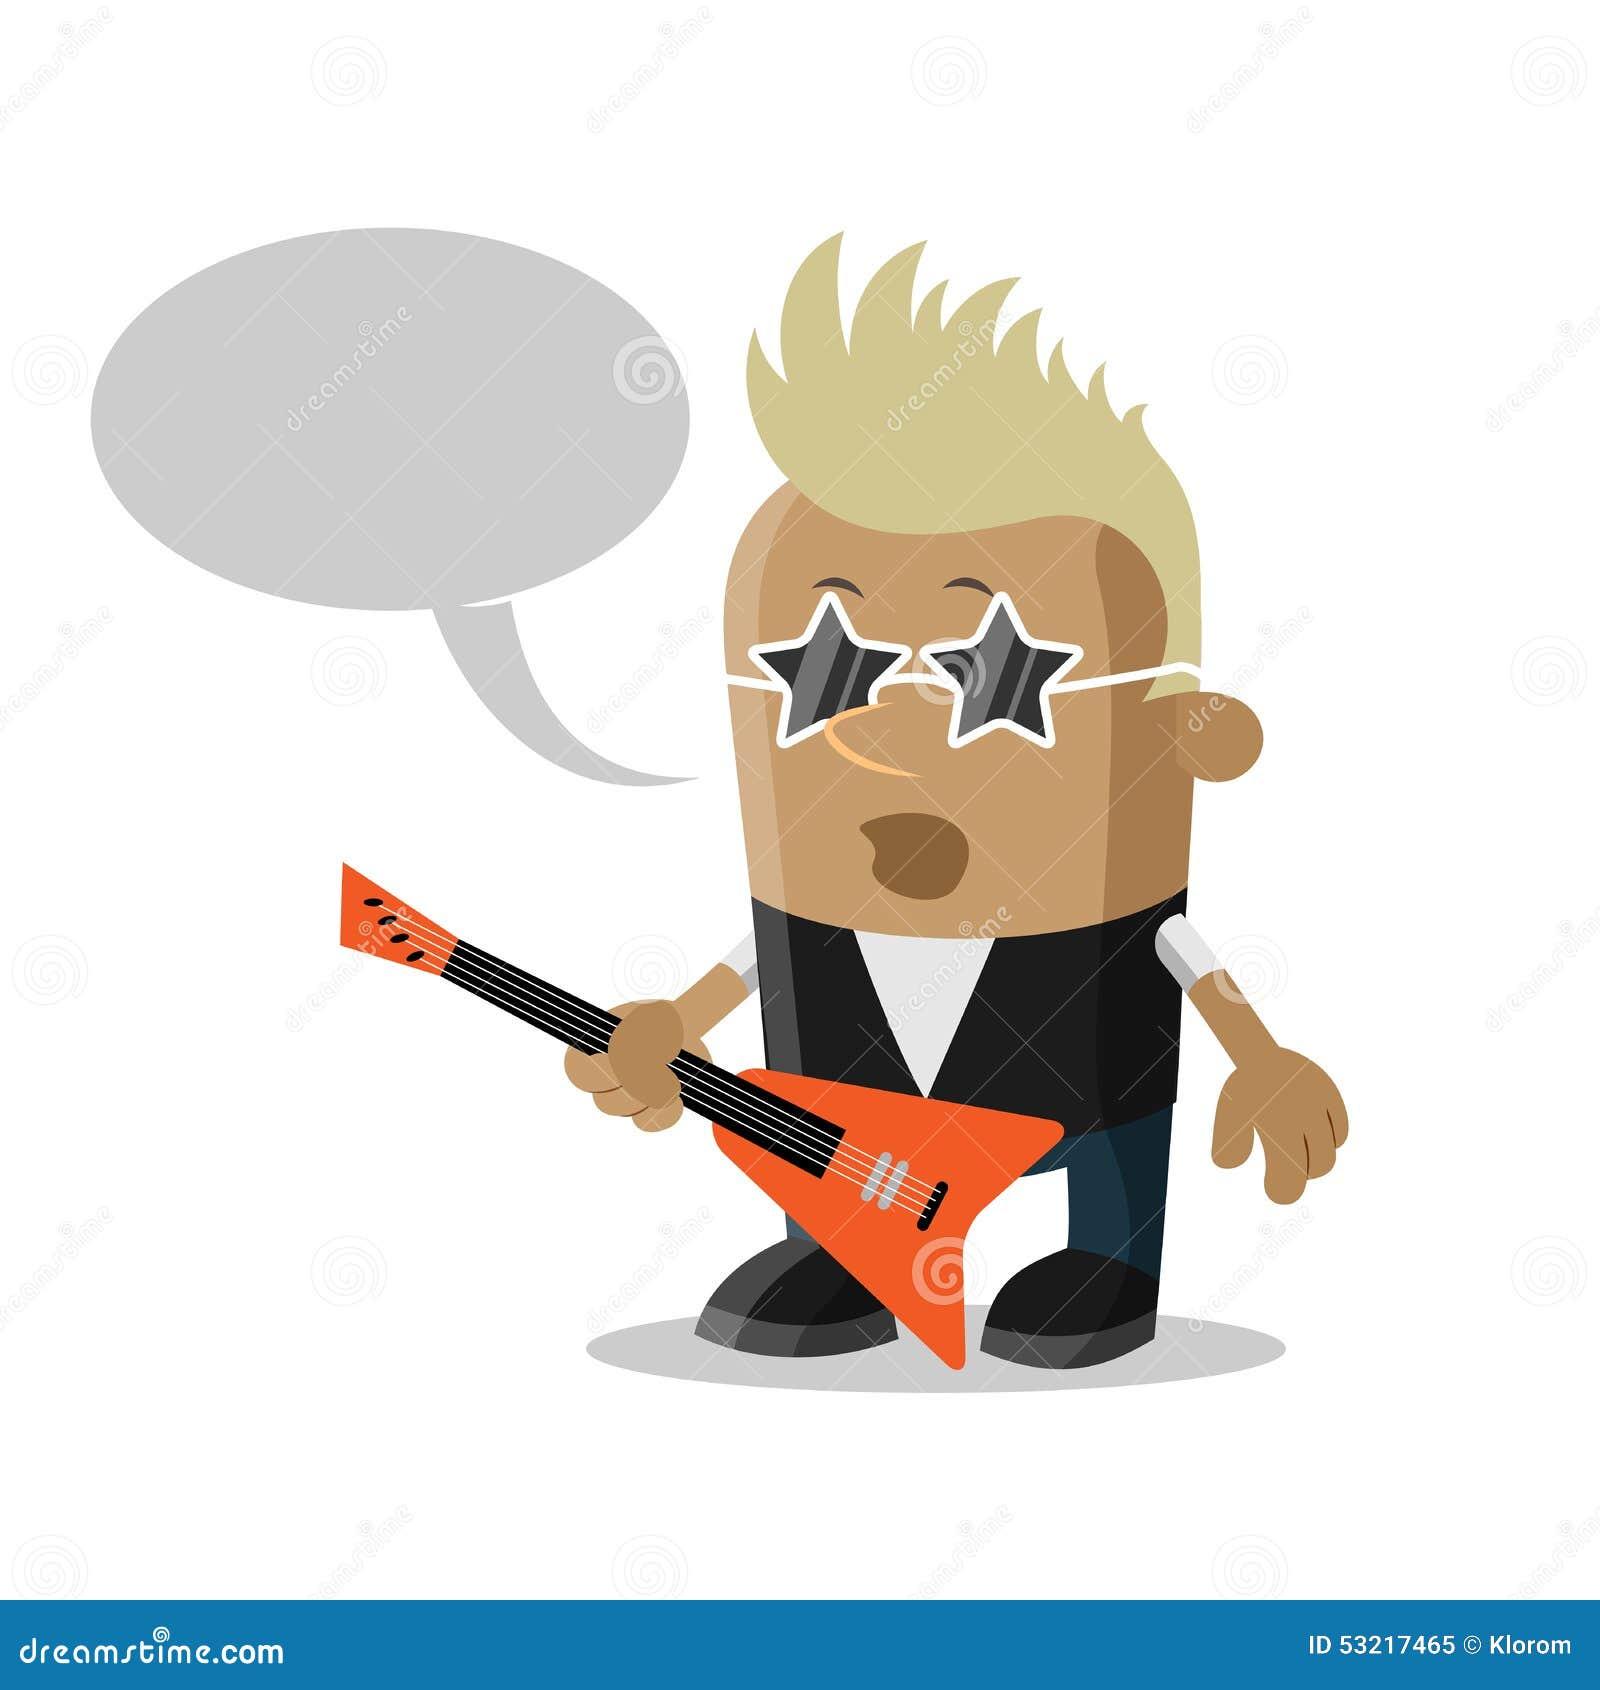 漫画人物摇滚明星,传染媒介例证.图片